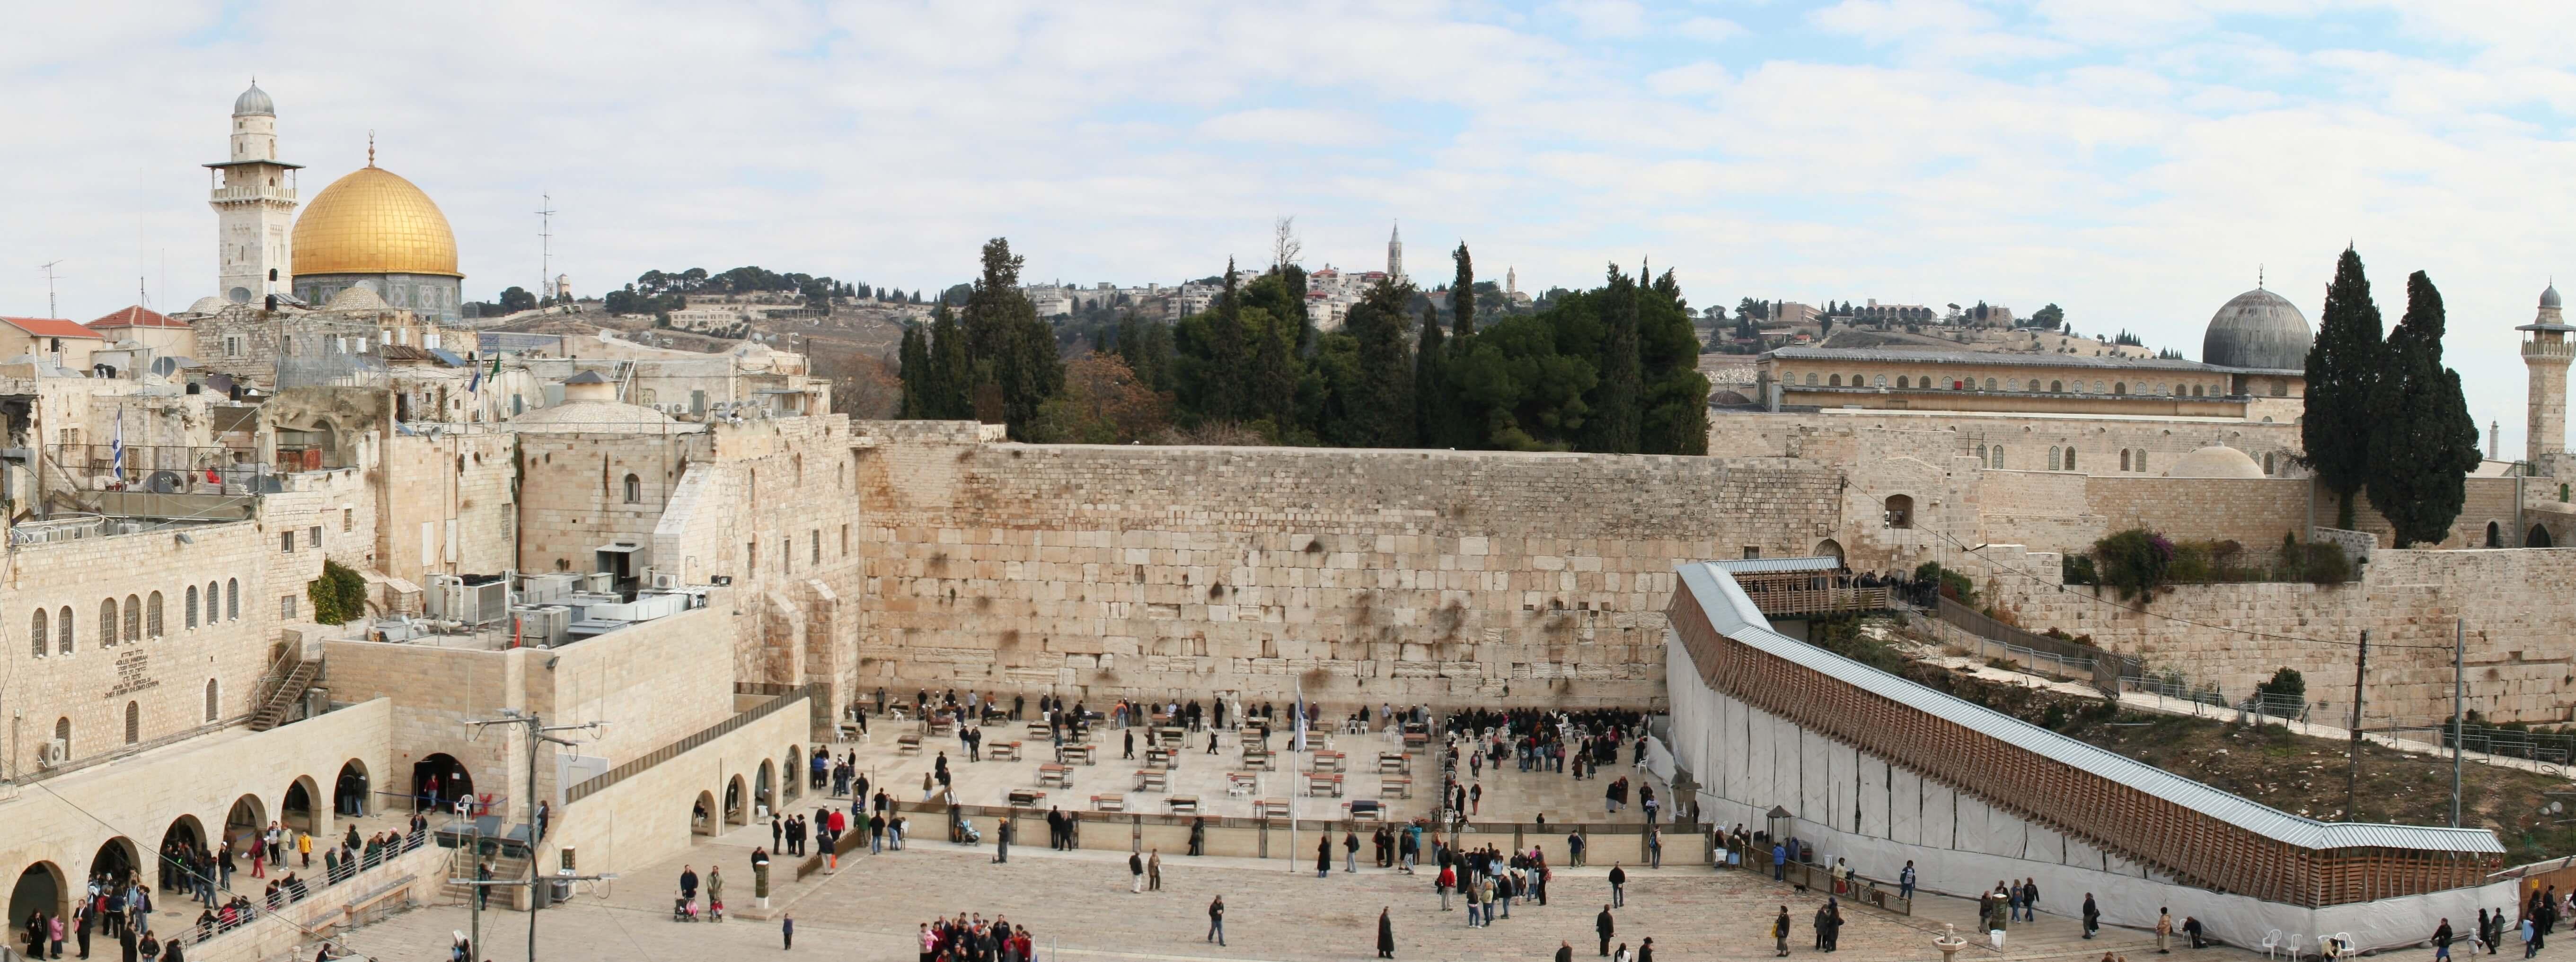 Izrael – nie tylko kraj religii.